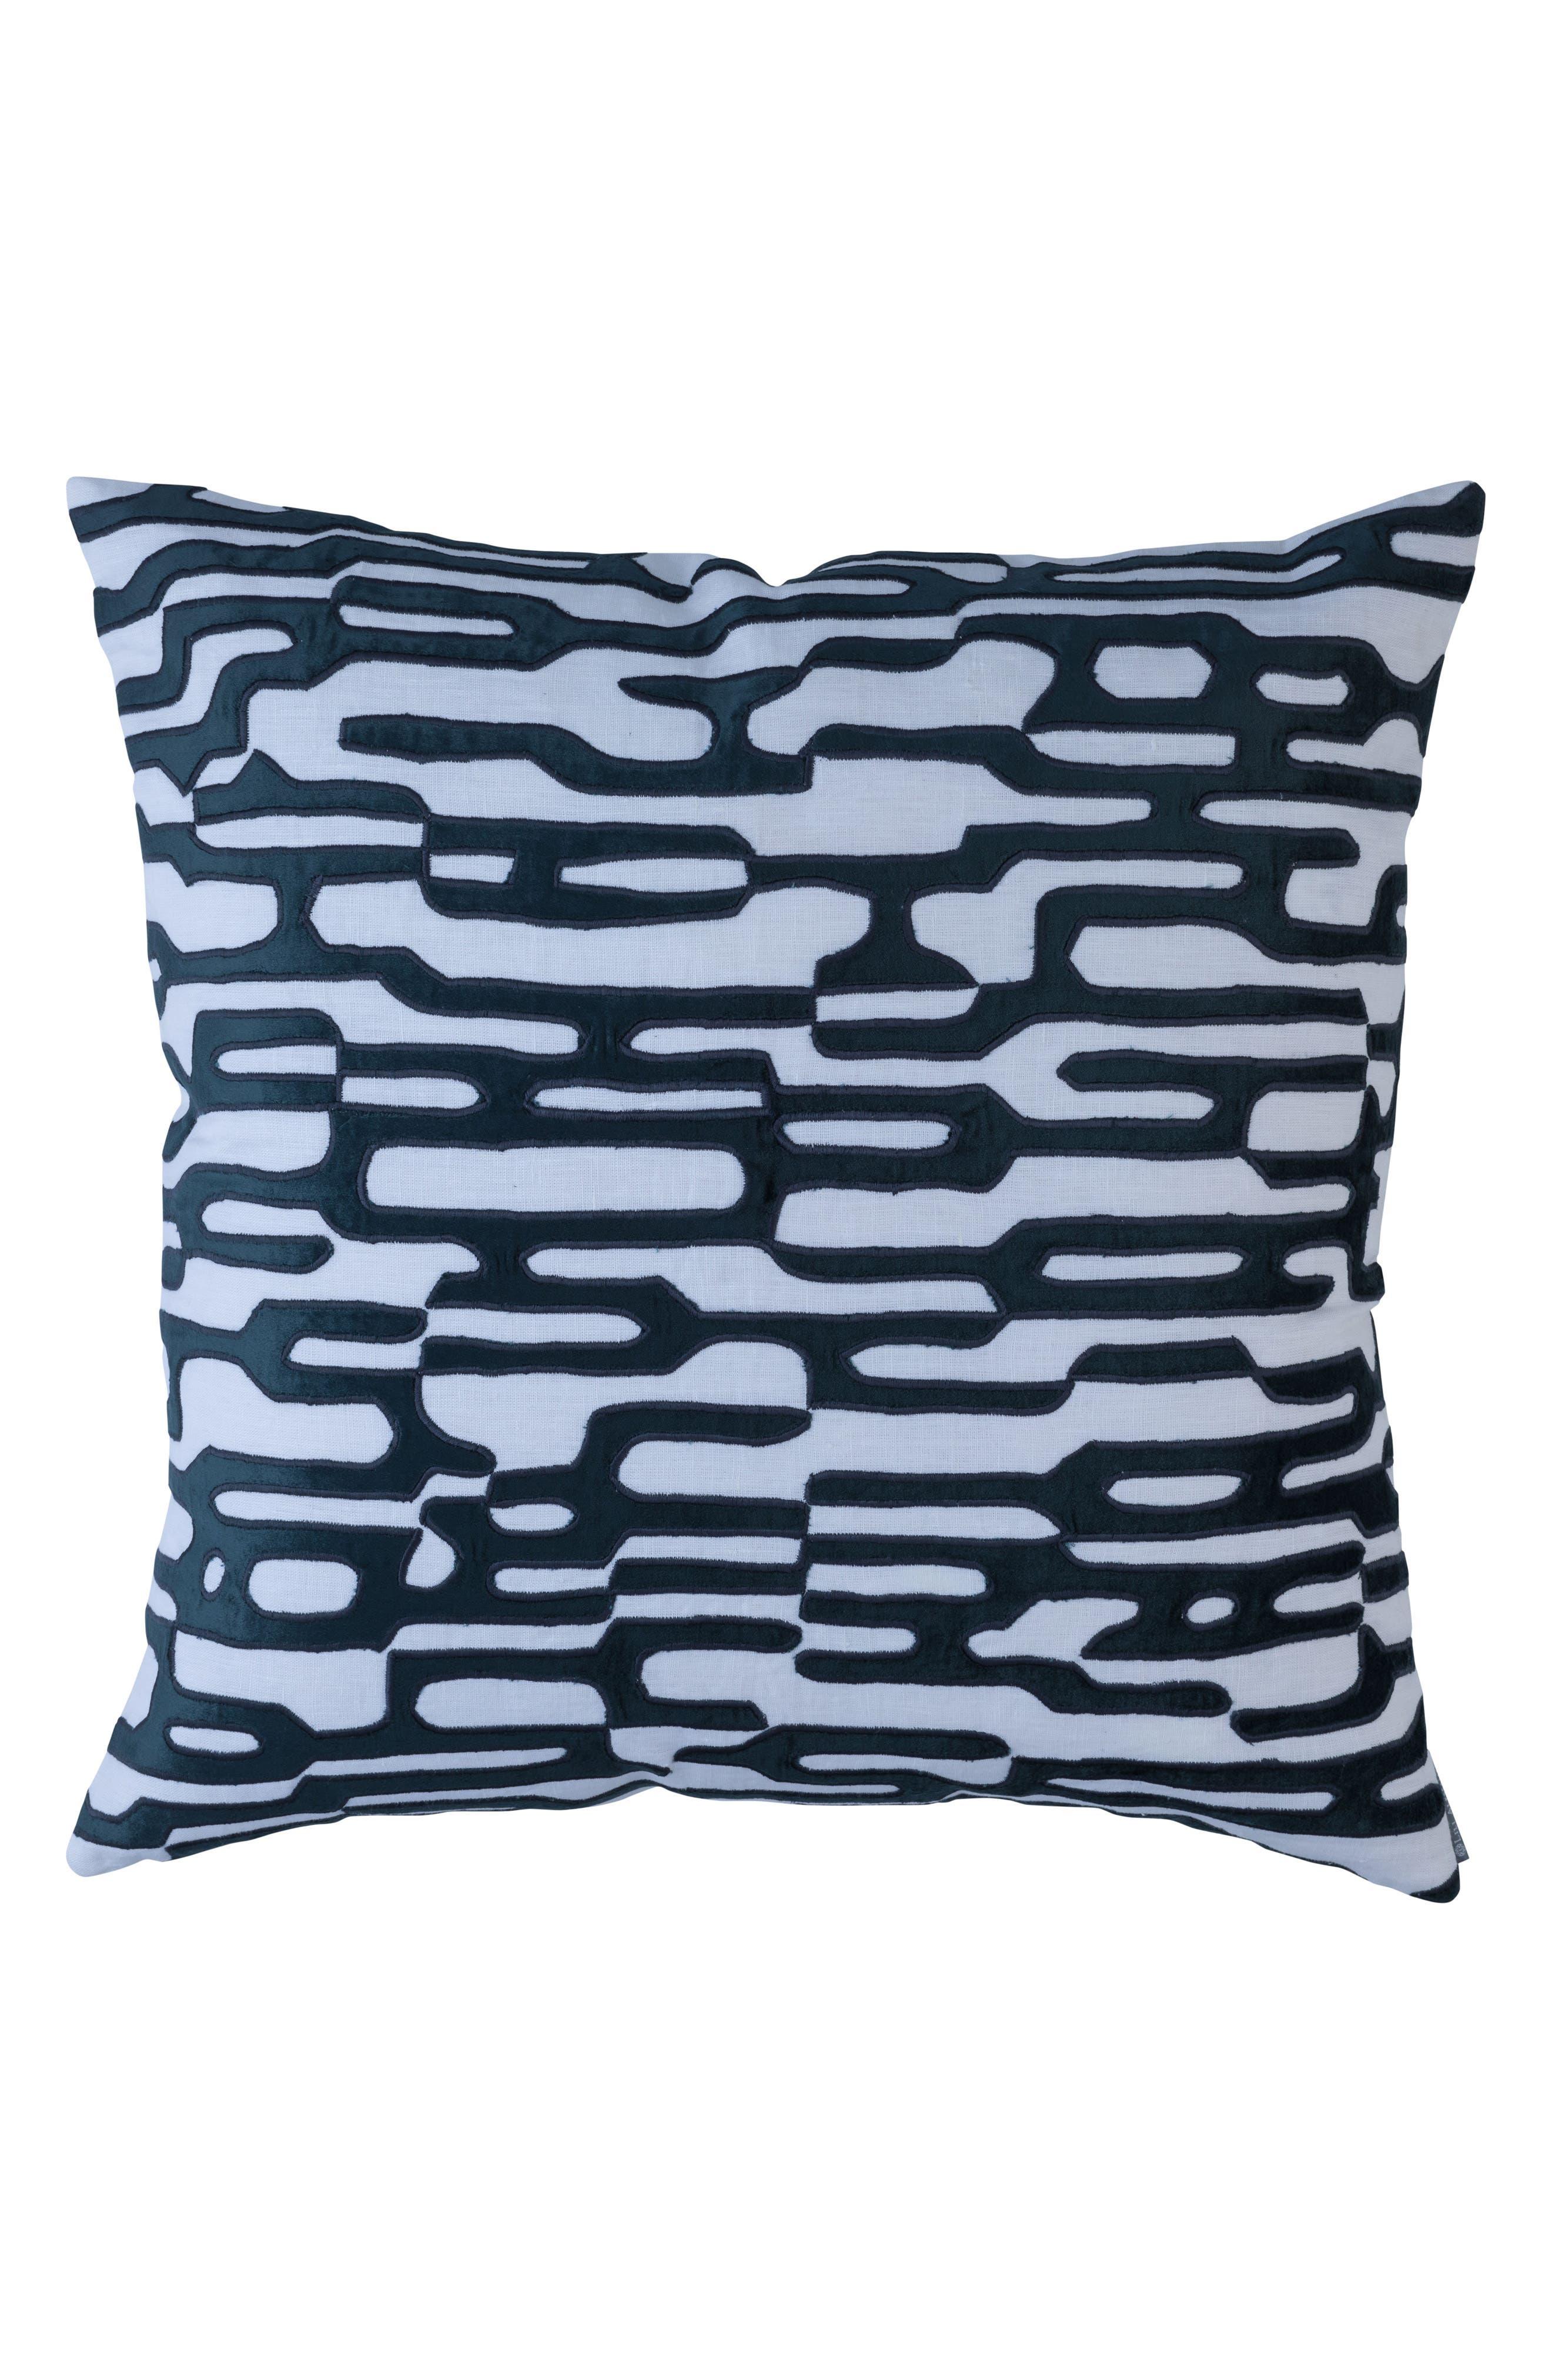 Christian Linen & Velvet Square Accent Pillow,                         Main,                         color, Blue